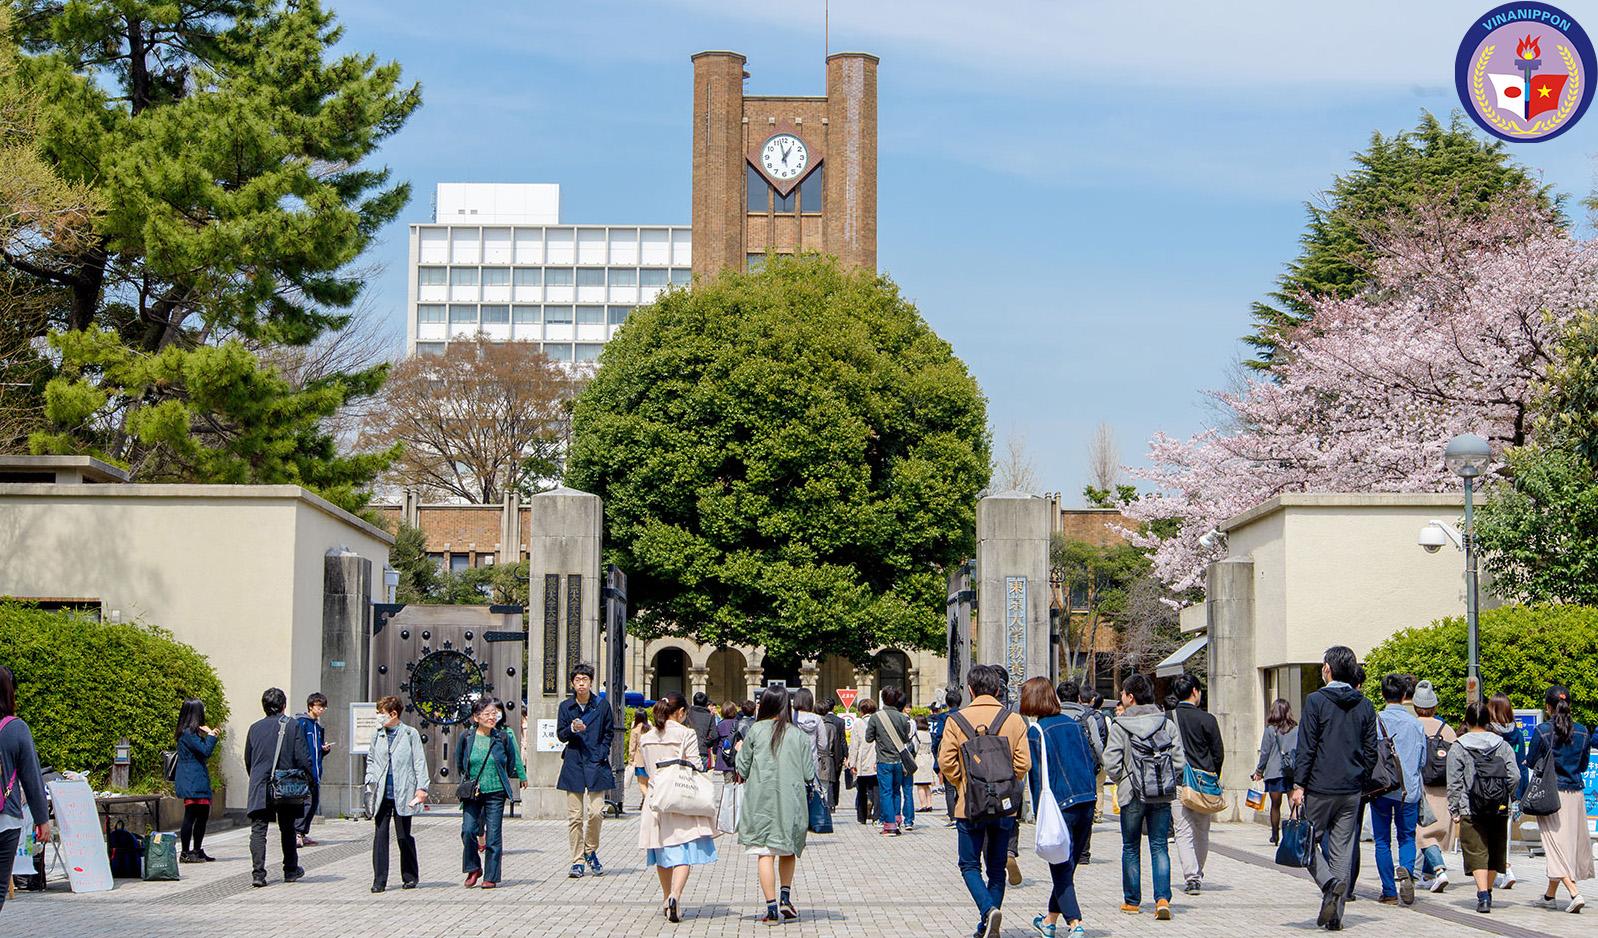 Du học Nhật Bản trường Nhật Ngữ, du học Nhật Bản, trường Nhật Ngữ